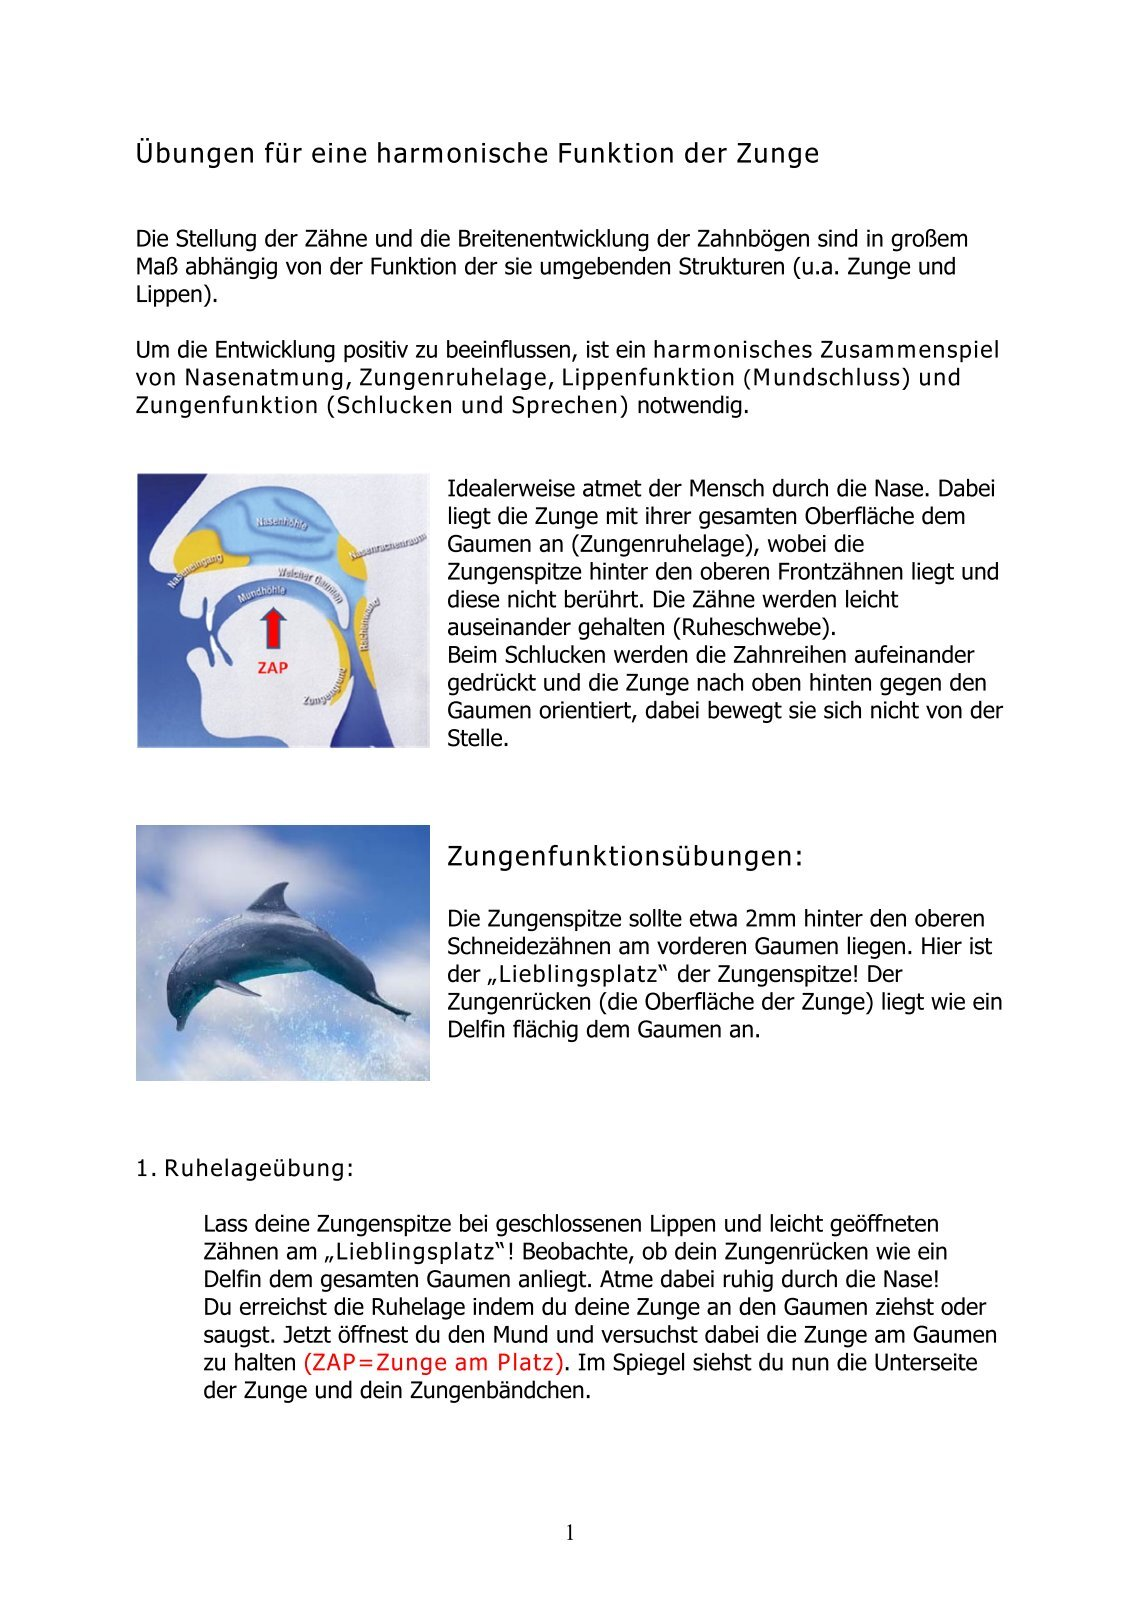 Beste Wo Gaumen Befindet Ideen - Physiologie Von Menschlichen ...